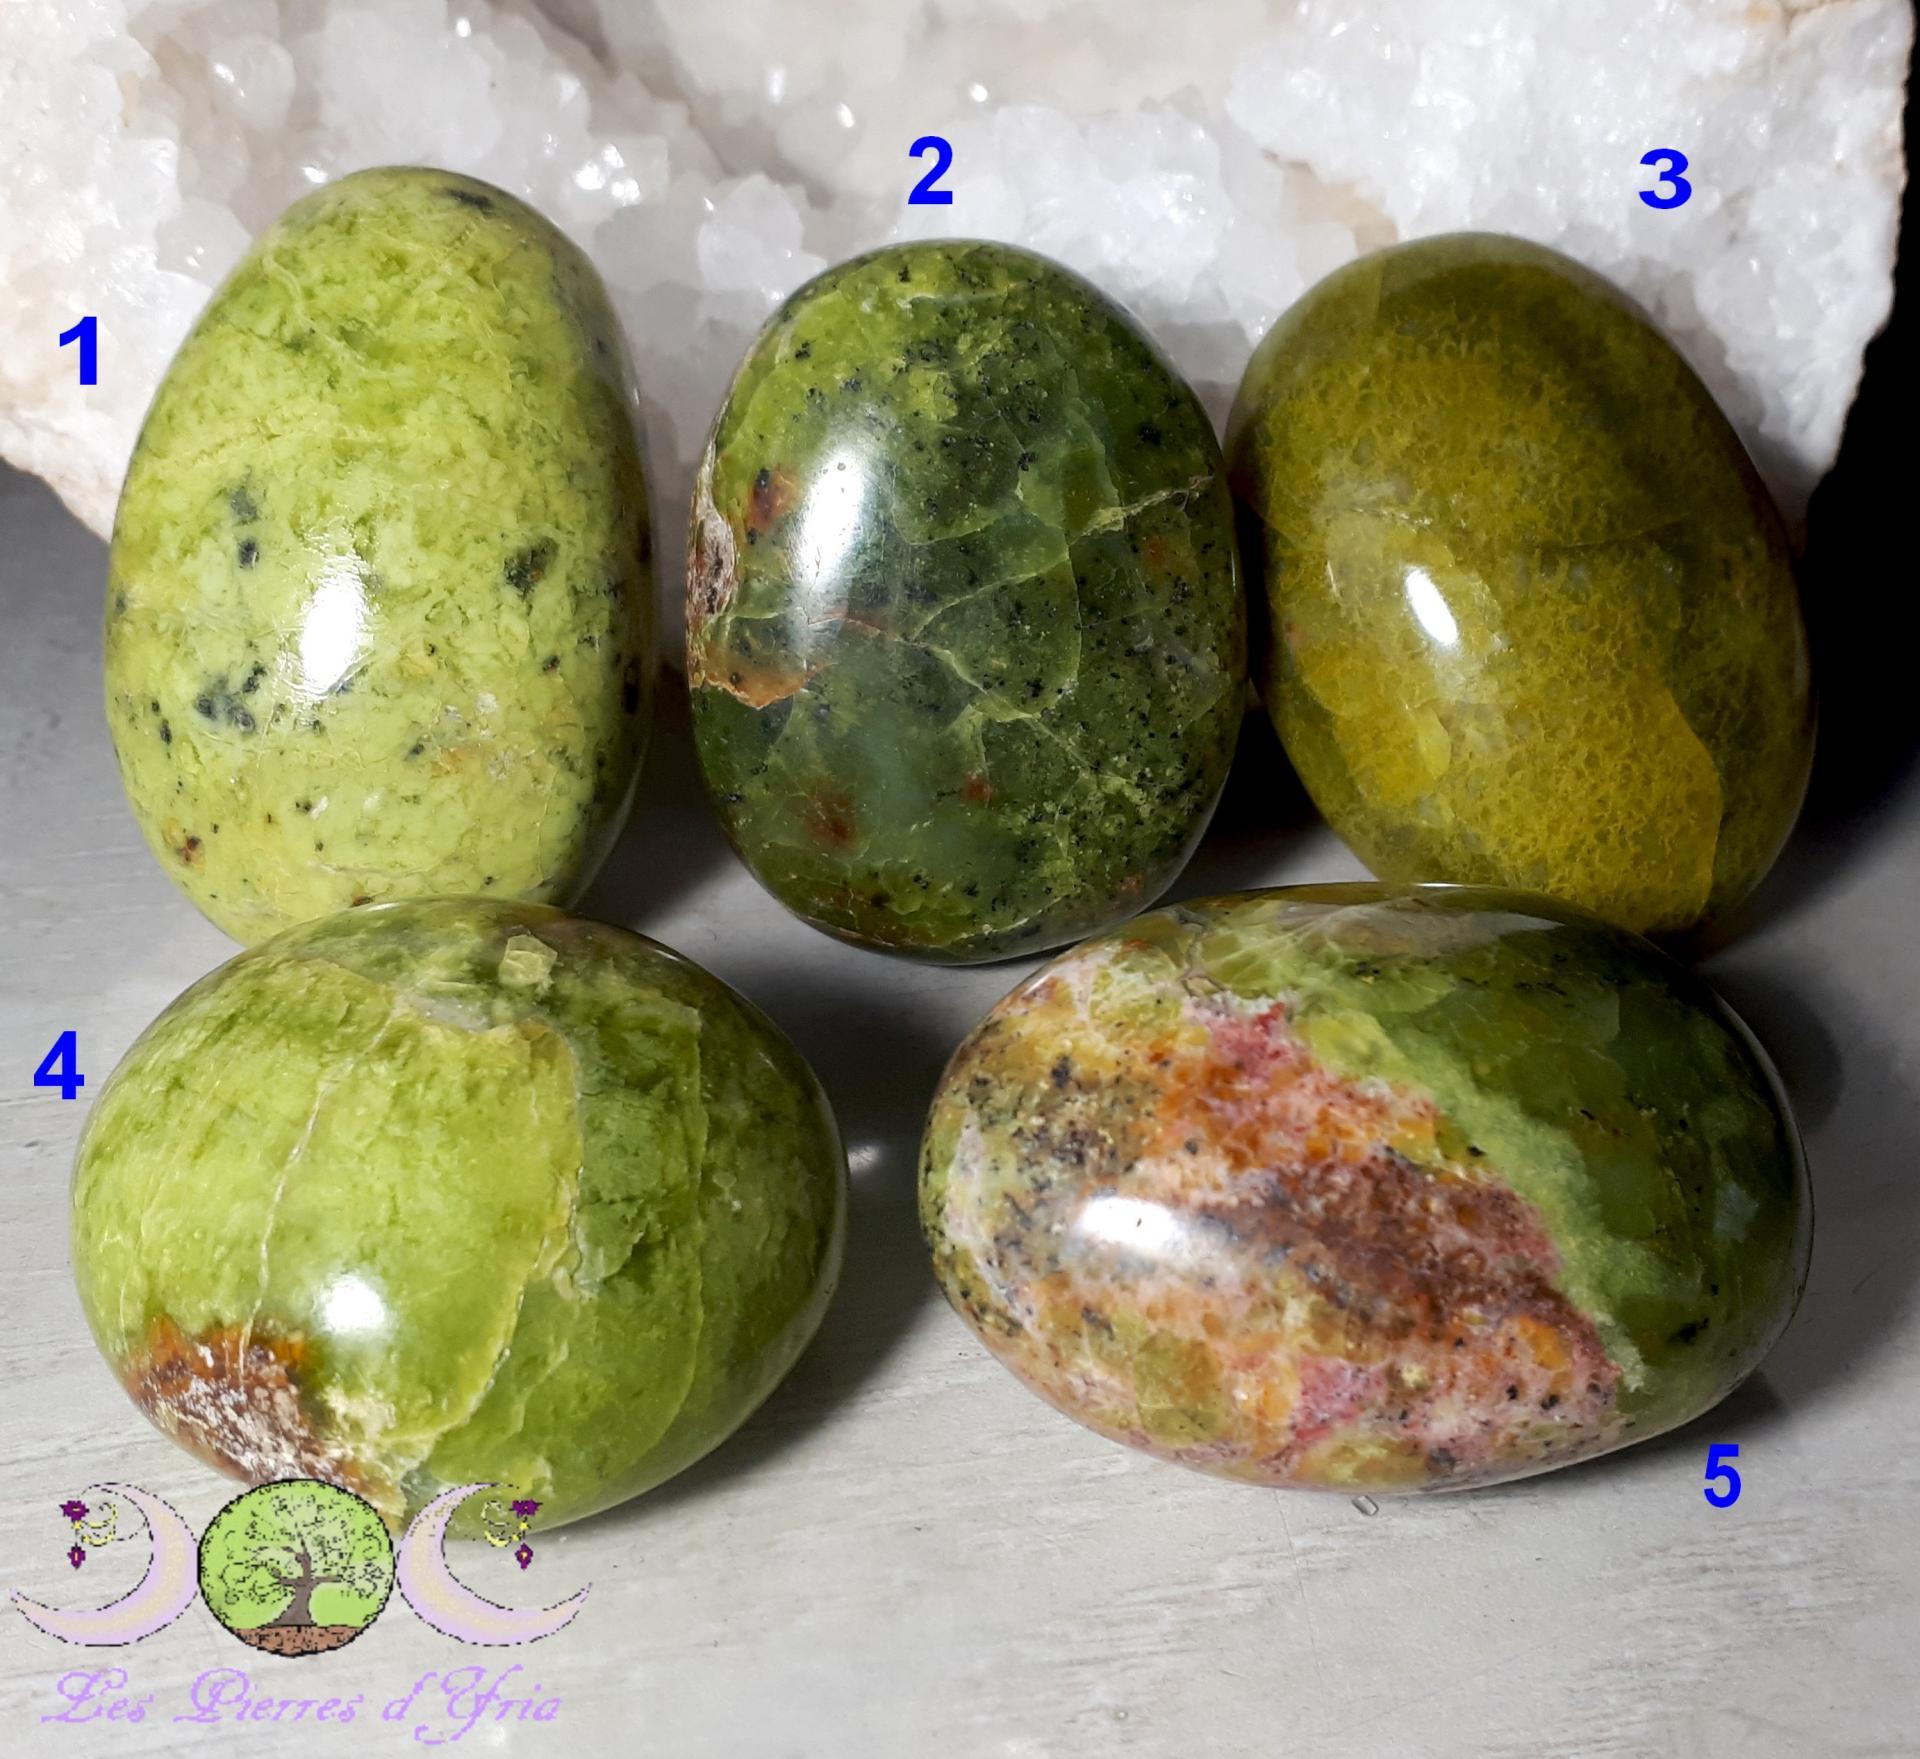 Opale 65 85 gf bis